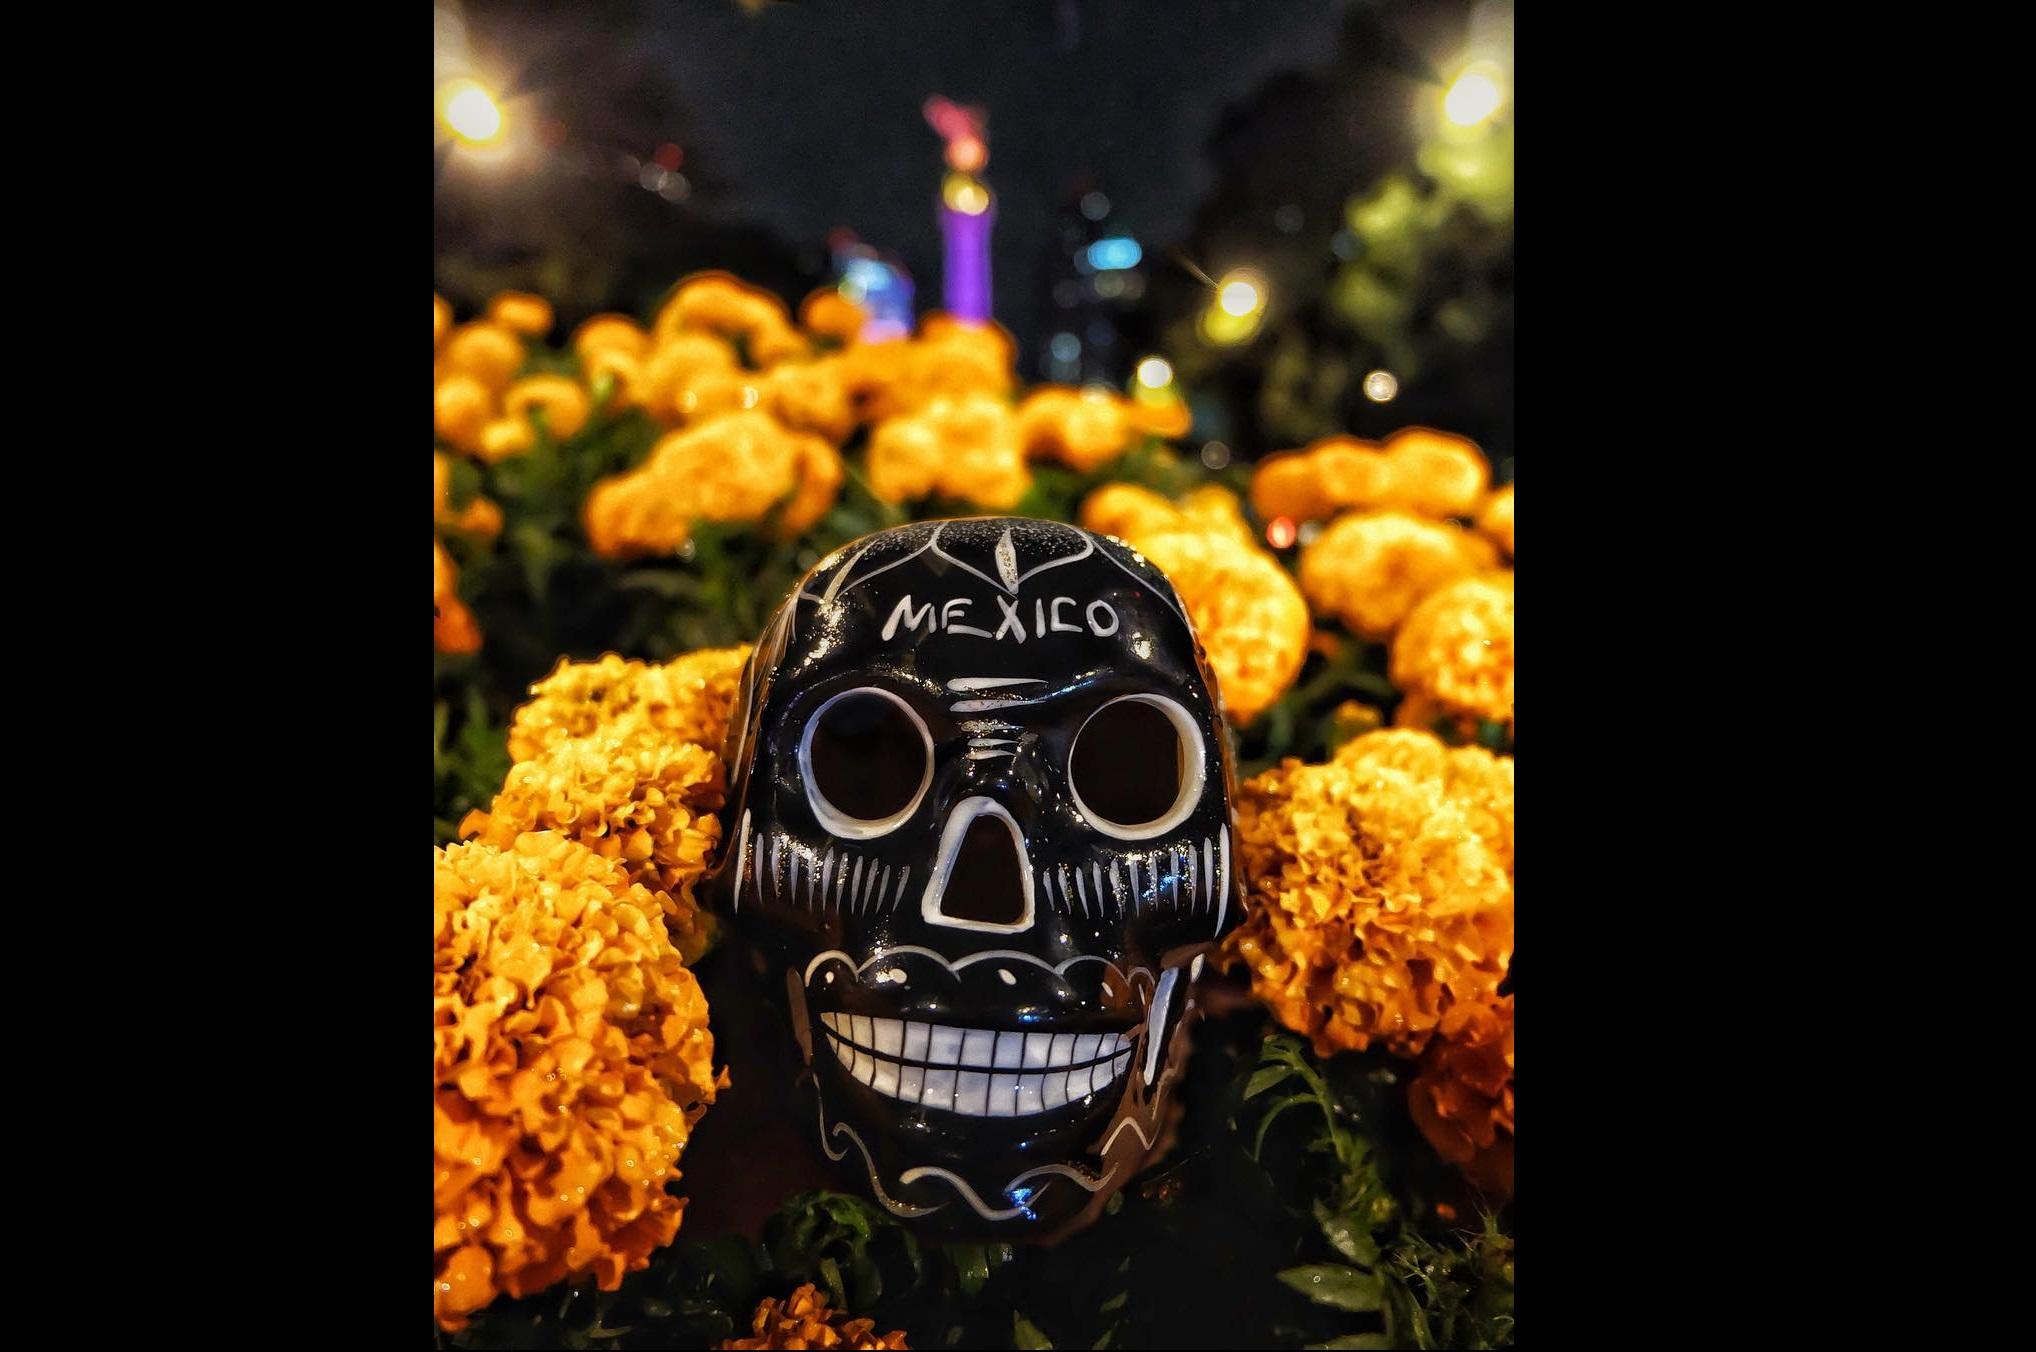 Cerrarán 14 estaciones de Metrobús por Desfile del Día de Muertos